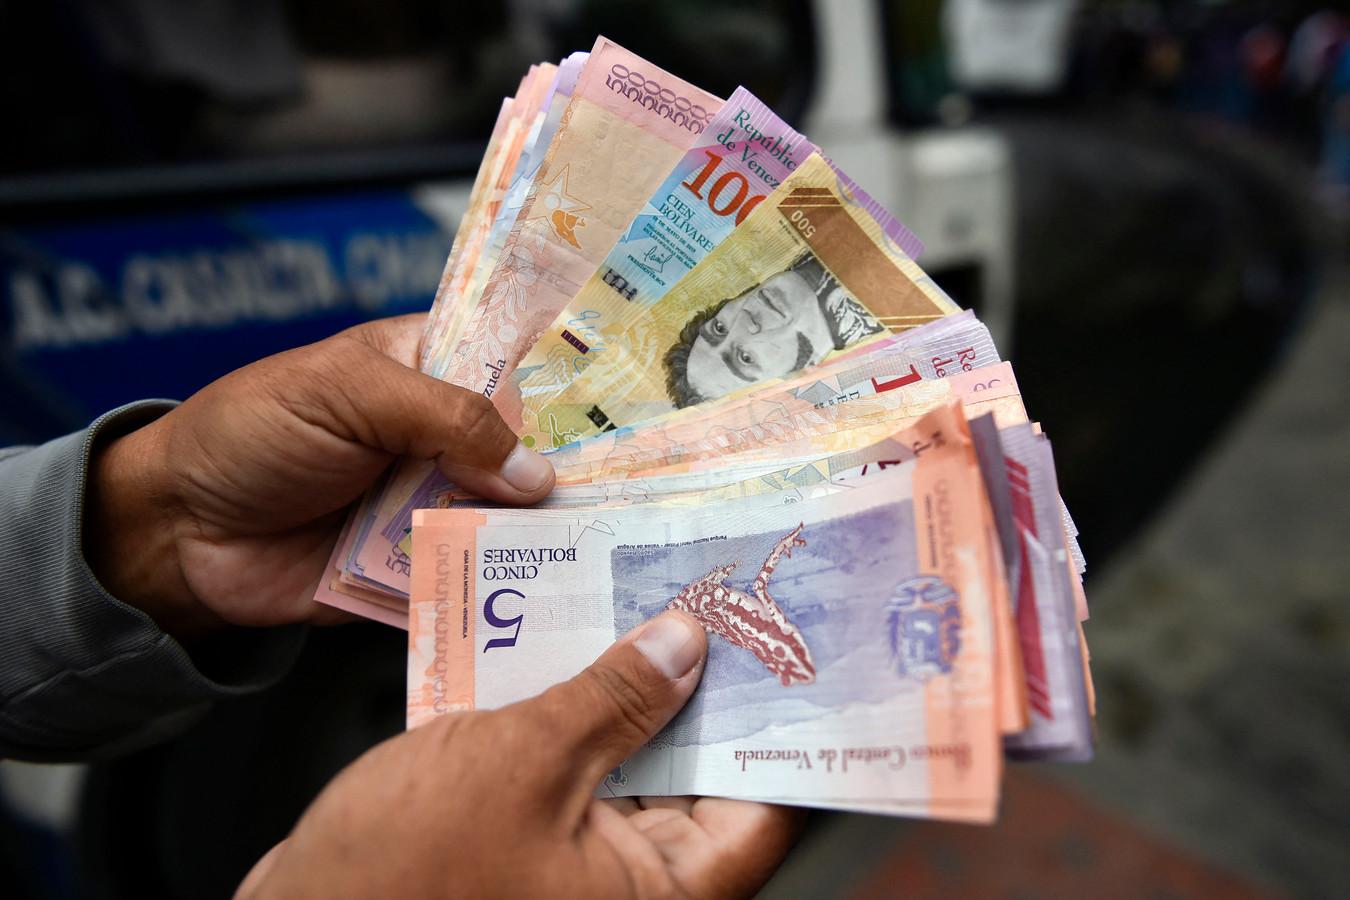 De verschillende Venezolaanse bankbiljetten zijn tegenwoordig zo weinig waard, dat ze amper nog gebruikt worden.